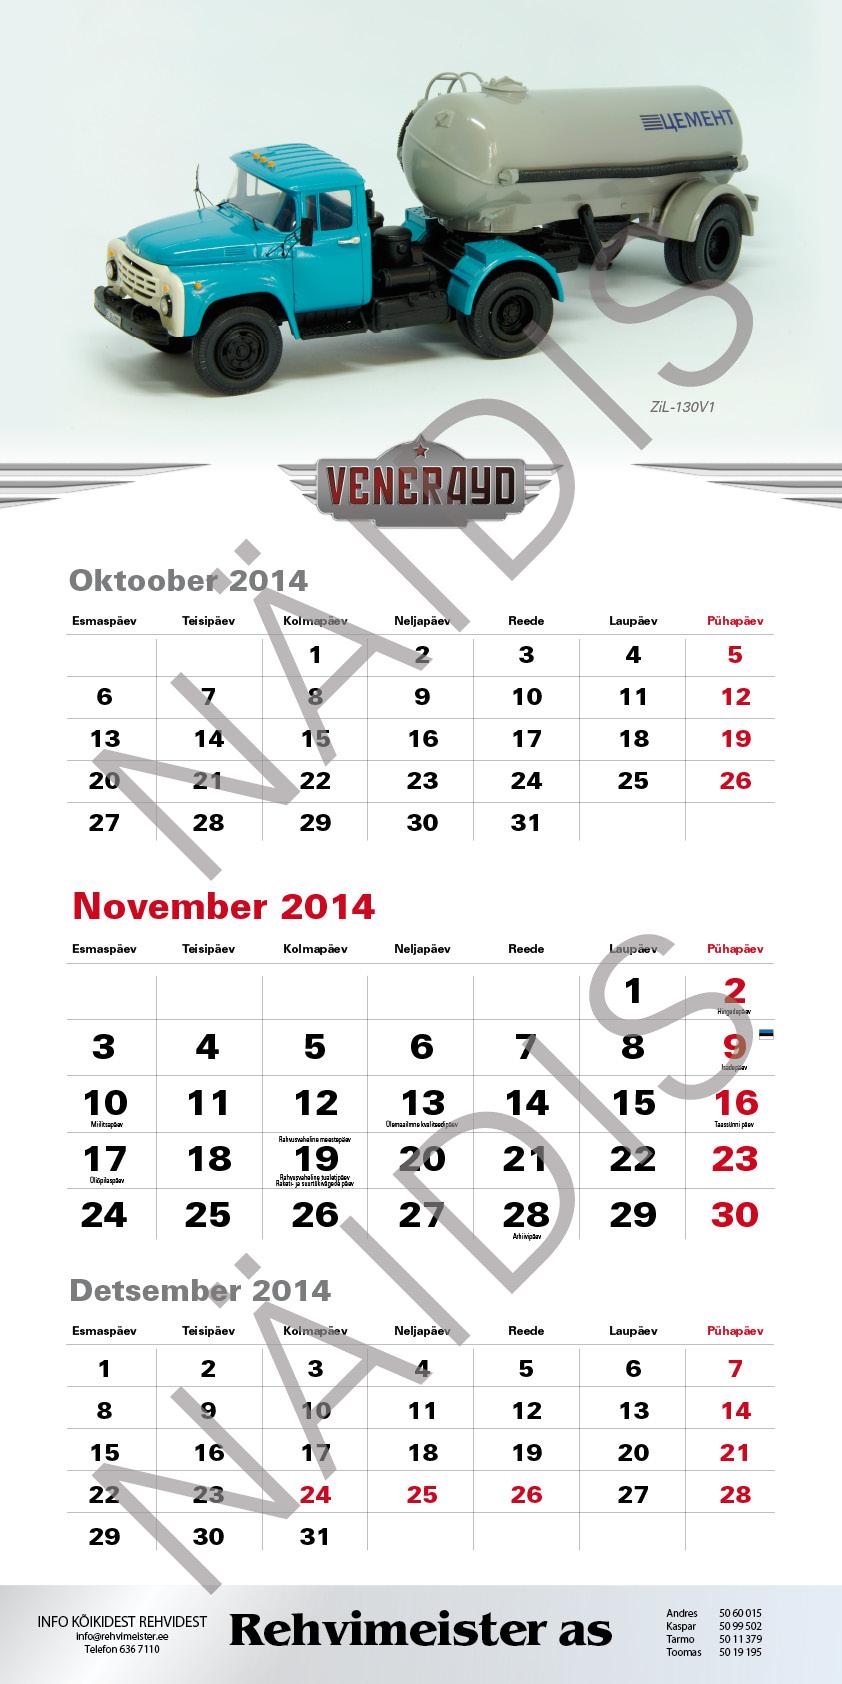 Veneraud_kalender_201412